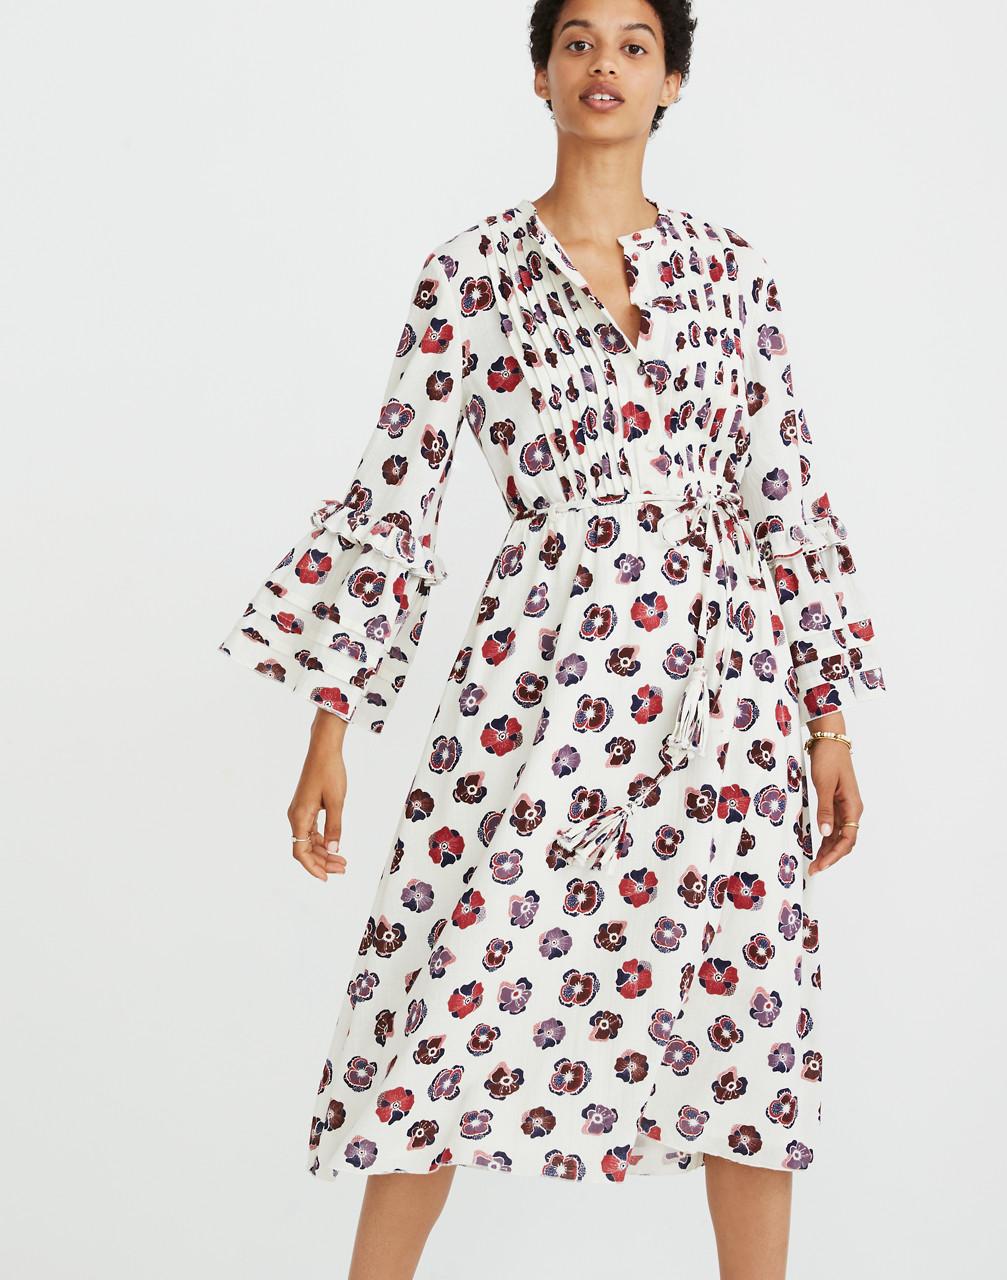 Madewell x Karen Walker® Floral Fantasia Ruffled Dress